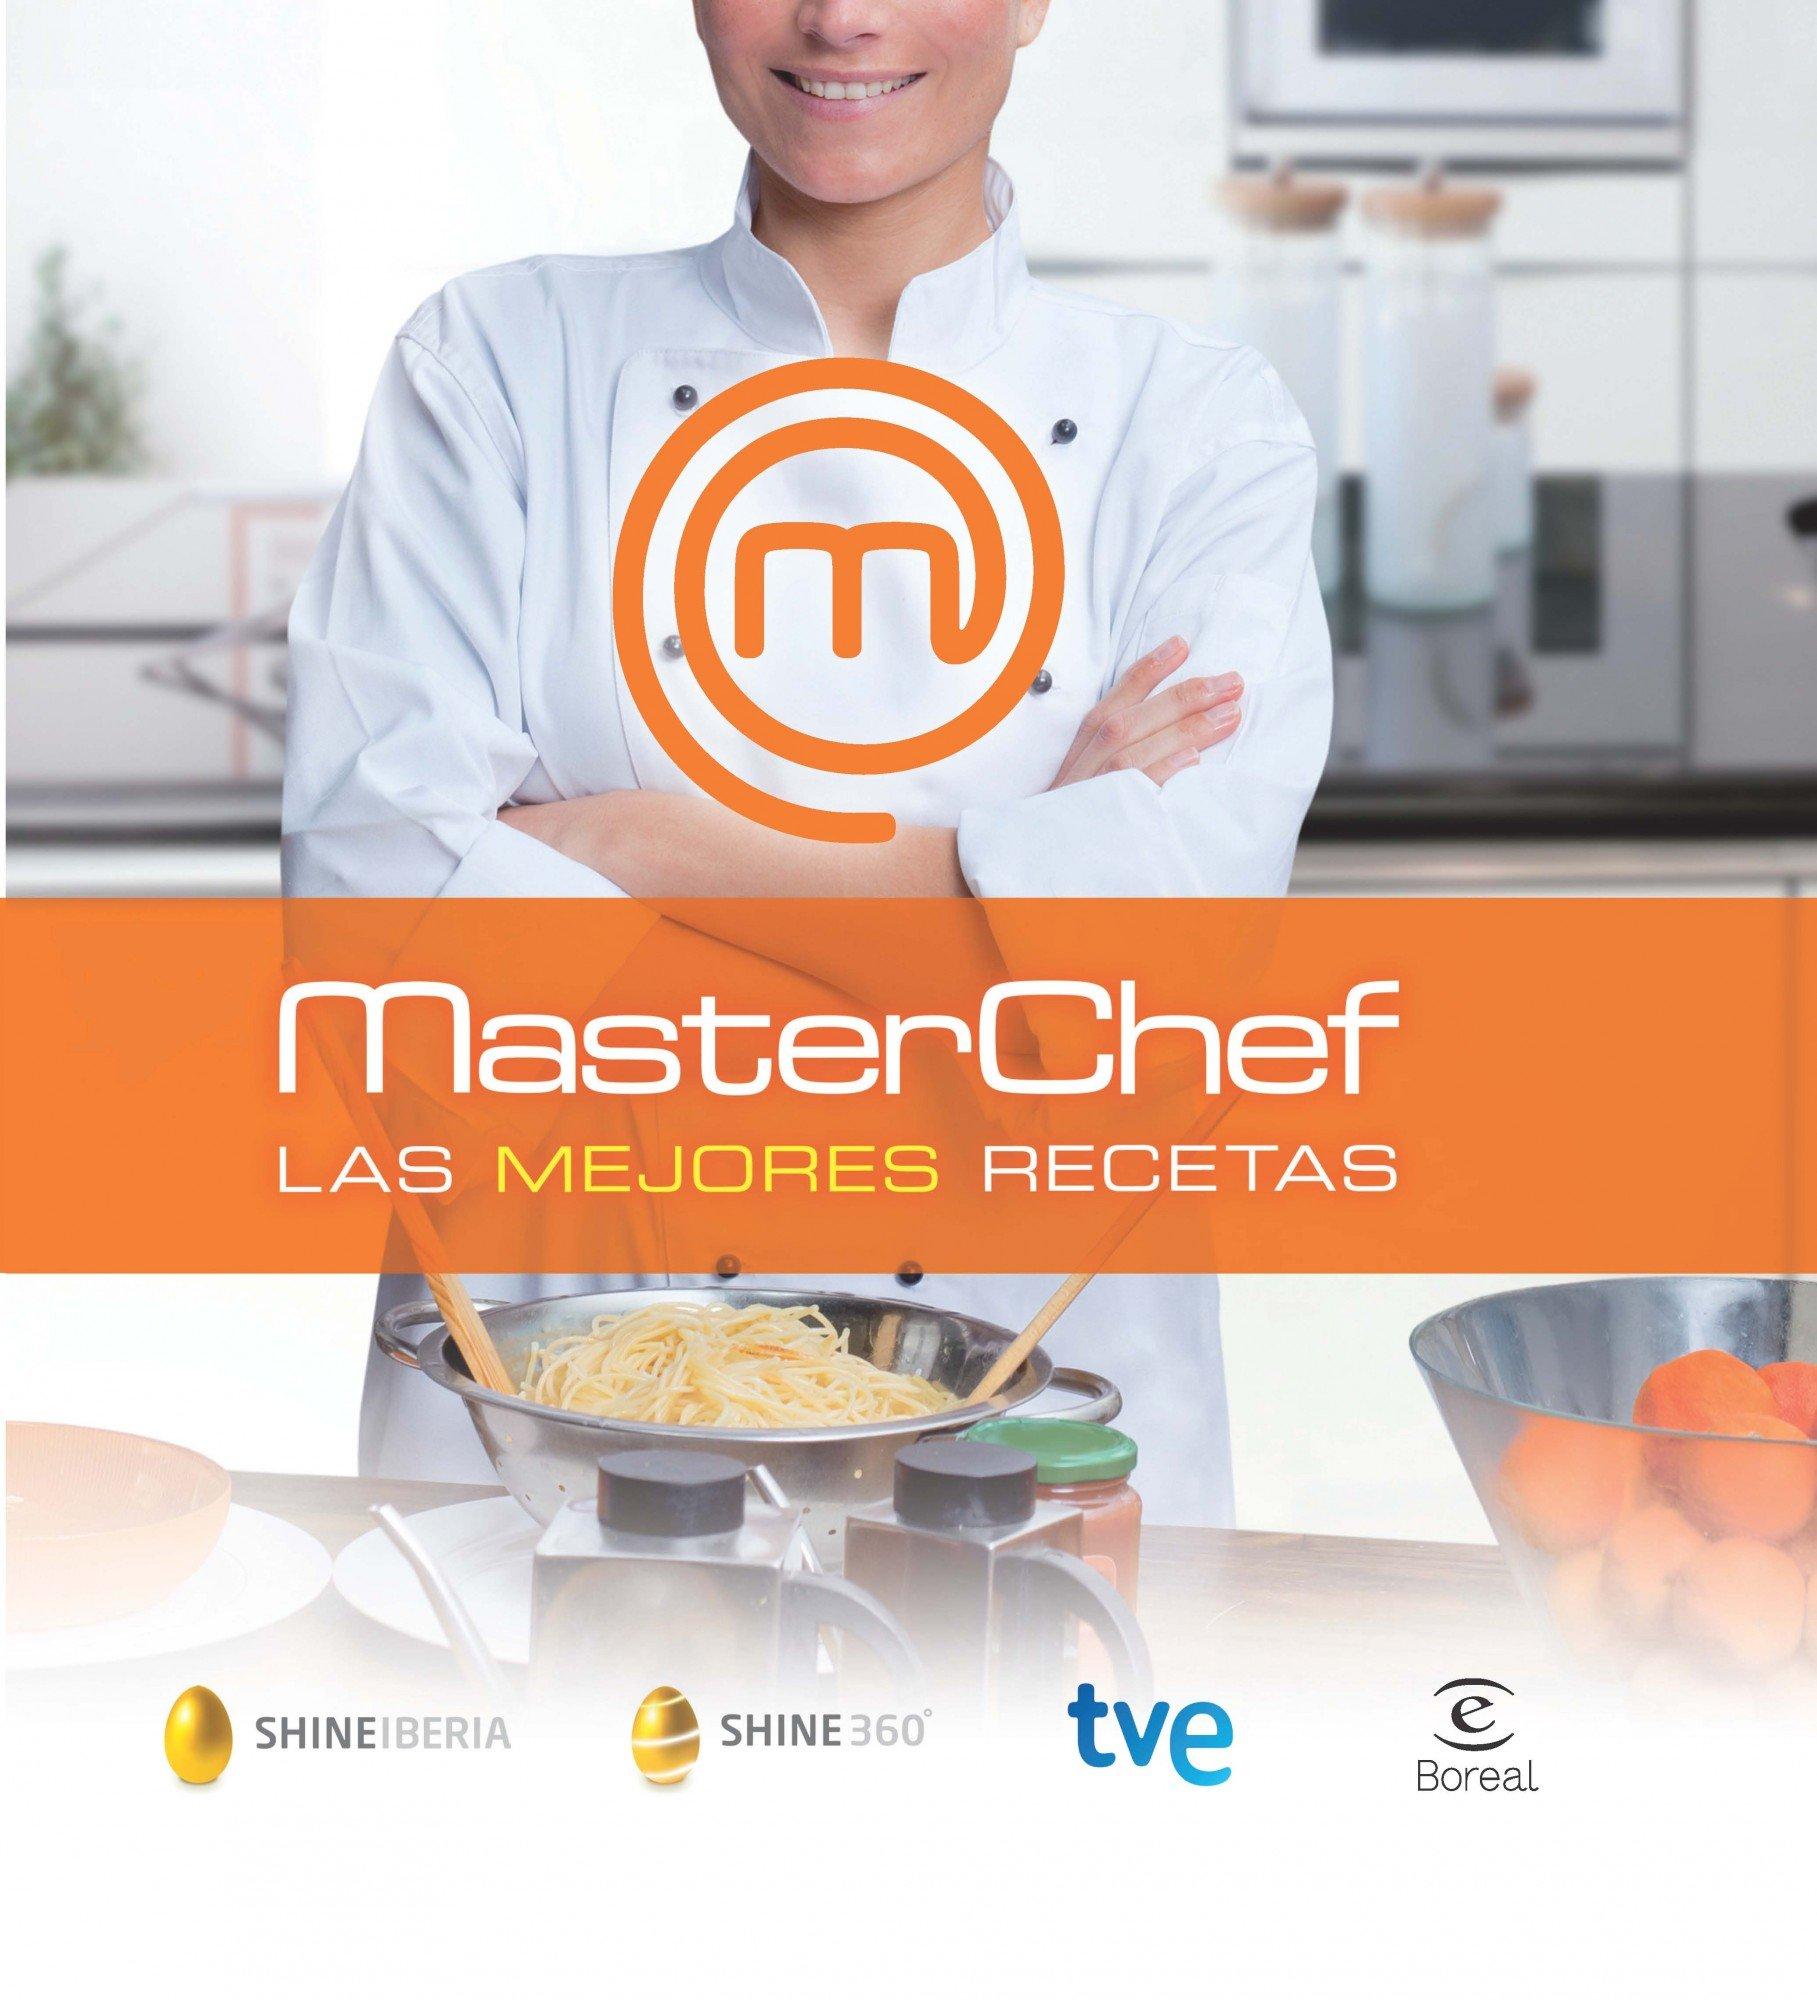 MasterChef: Las mejores recetas FUERA DE COLECCIÓN Y ONE SHOT ...